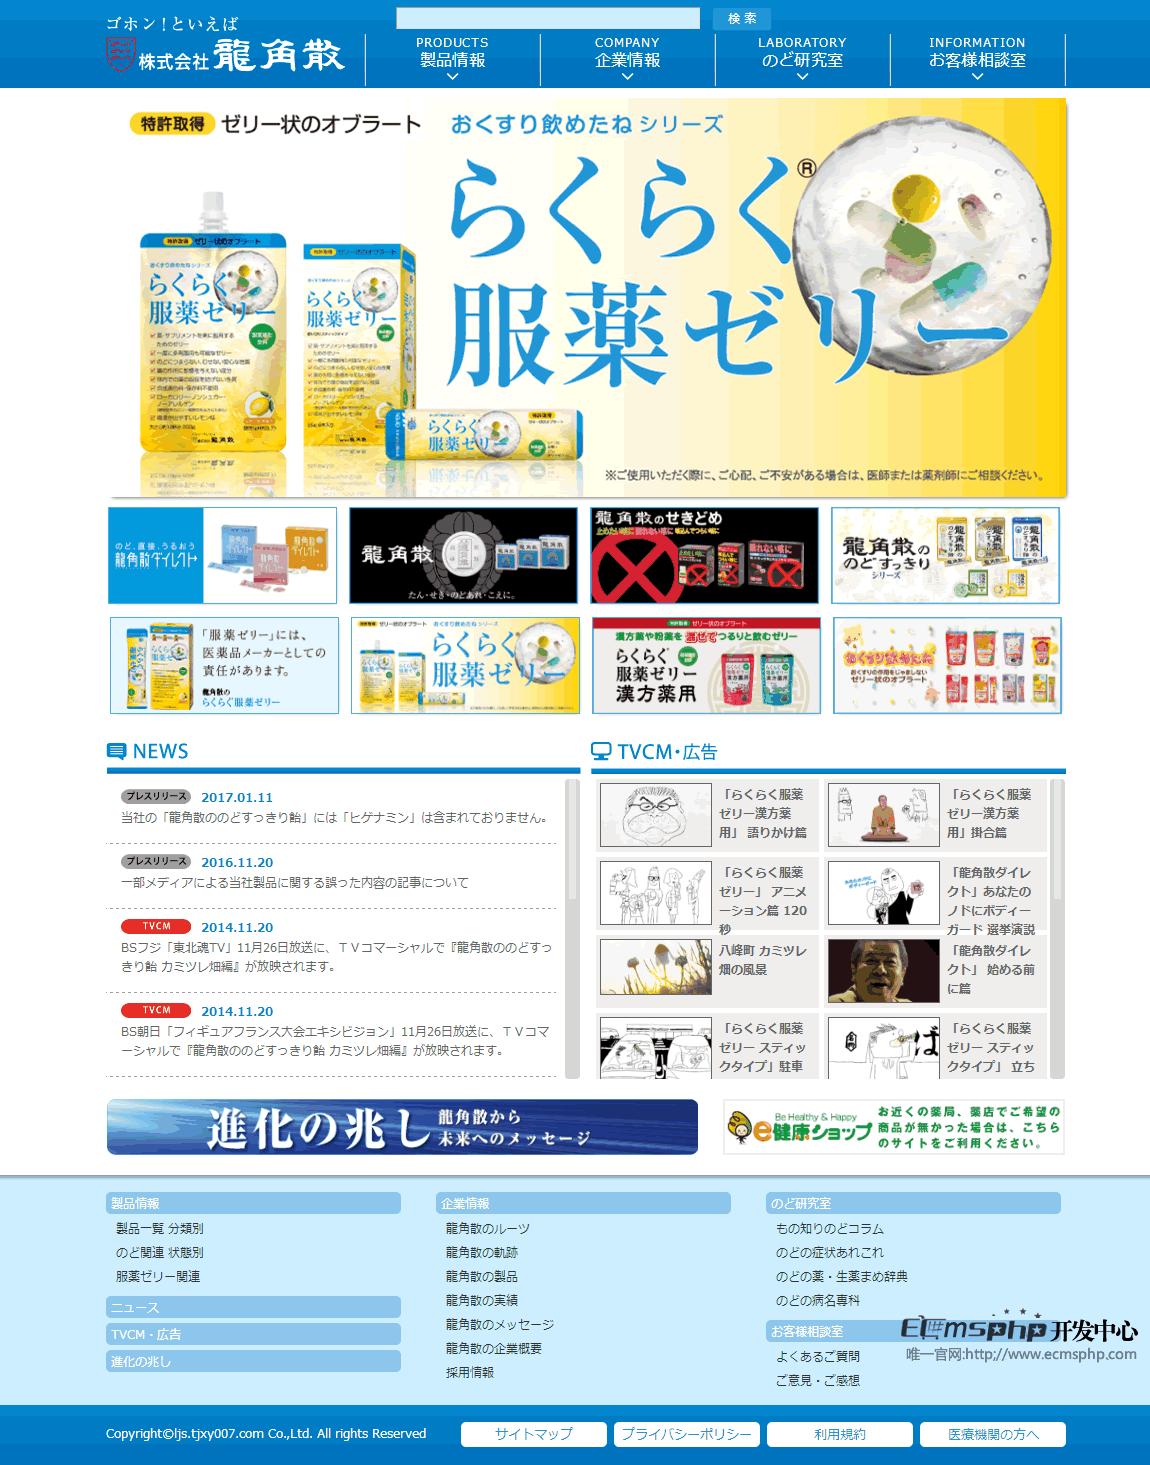 帝国cms模版,帝国CMS整站源码,帝国cms日语网站模板,帝国日语模板,帝国cms模板源码,帝国cms日语网站